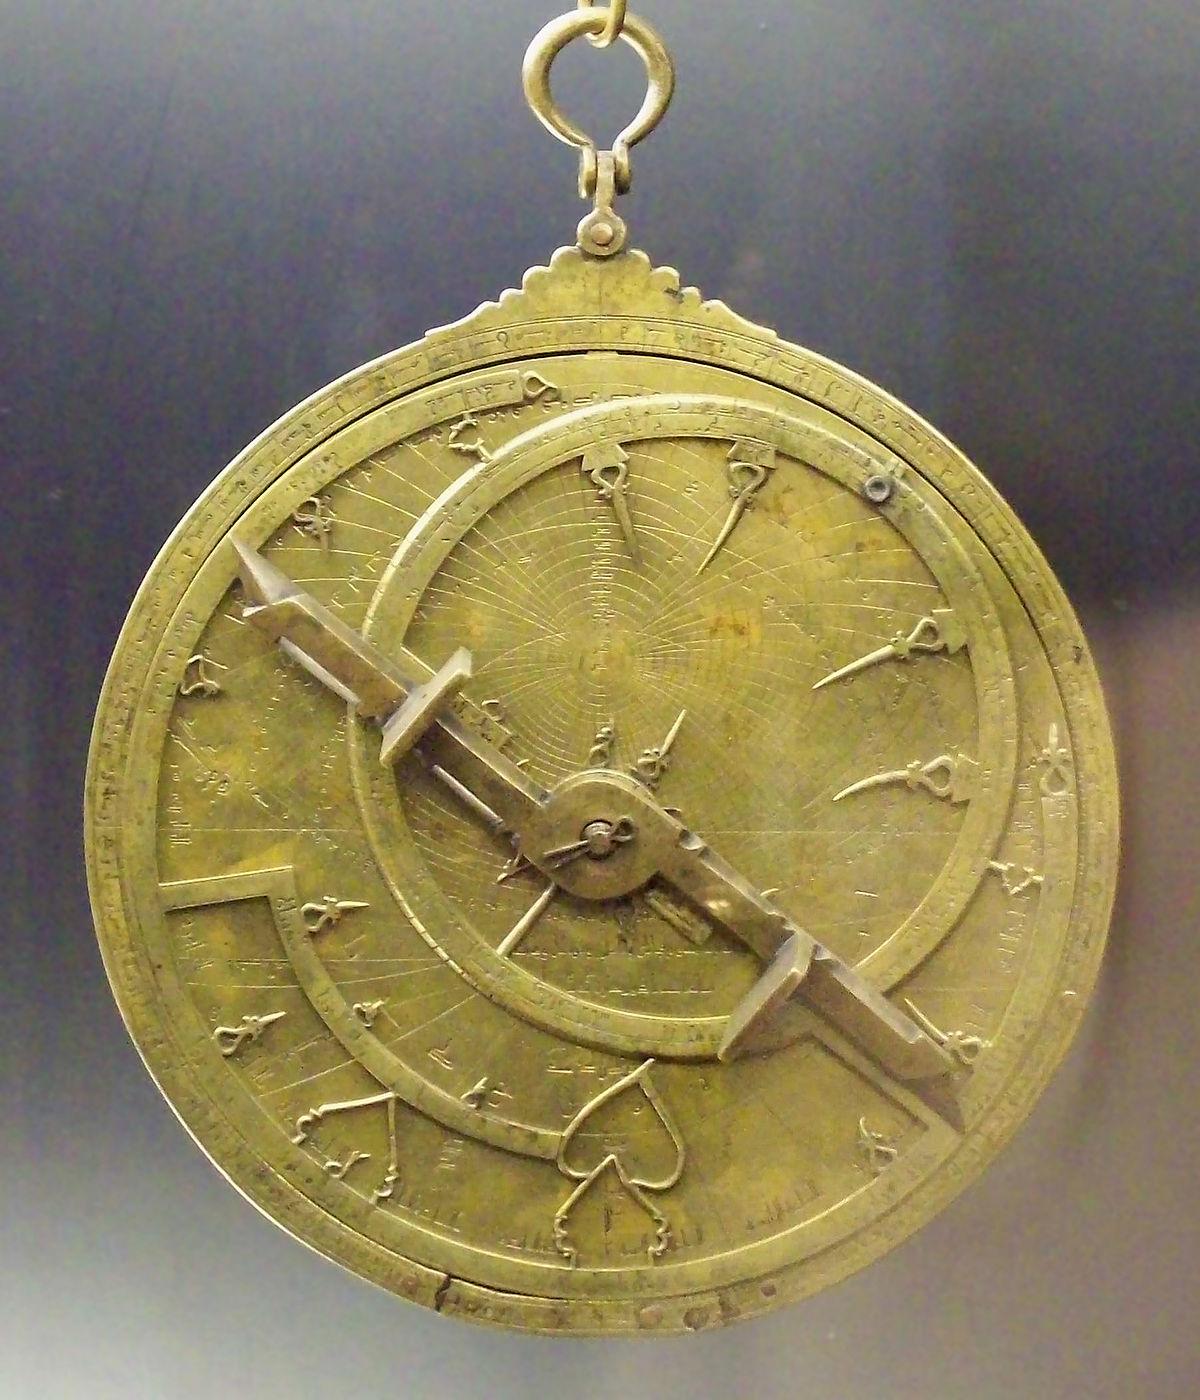 La storia dei sistemi di navigazione: dal XVI al XVIII Secolo - parte III  di Andrea Mucedola